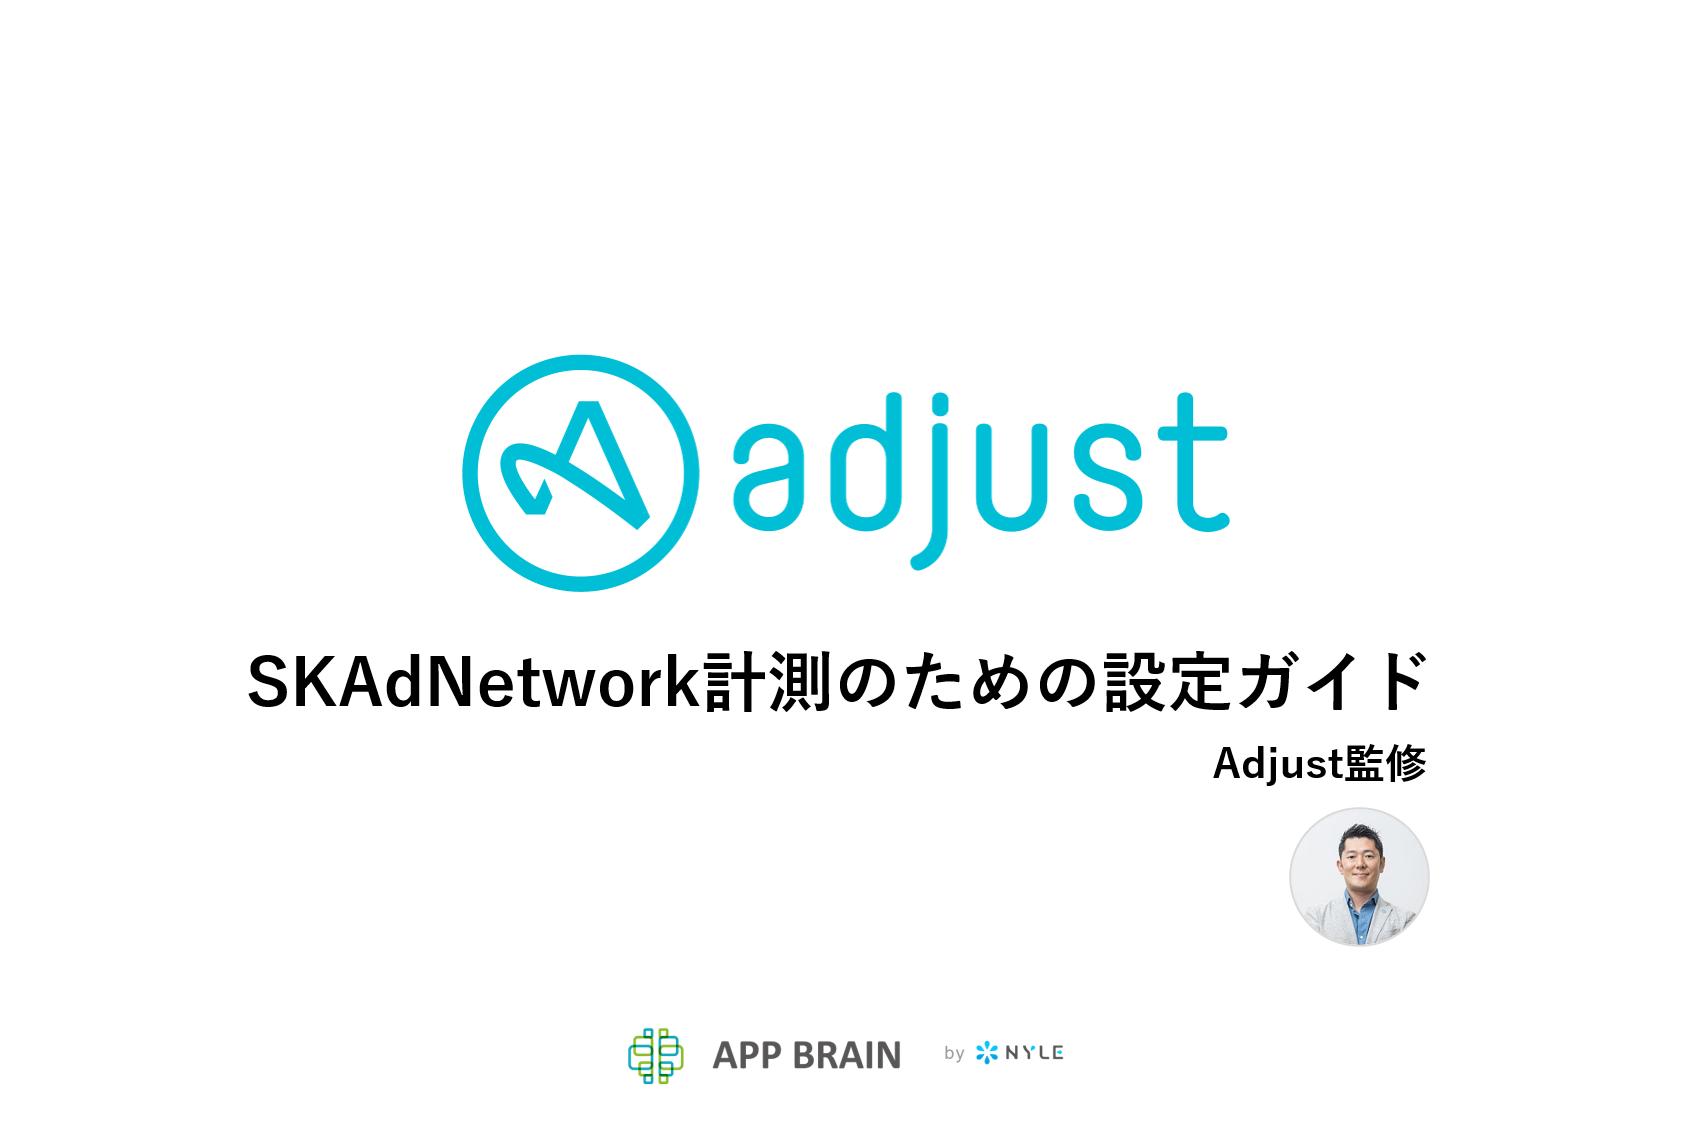 【2021年4月更新】SKAdNetwork計測のためのAdjust設定ガイド【iOS14】